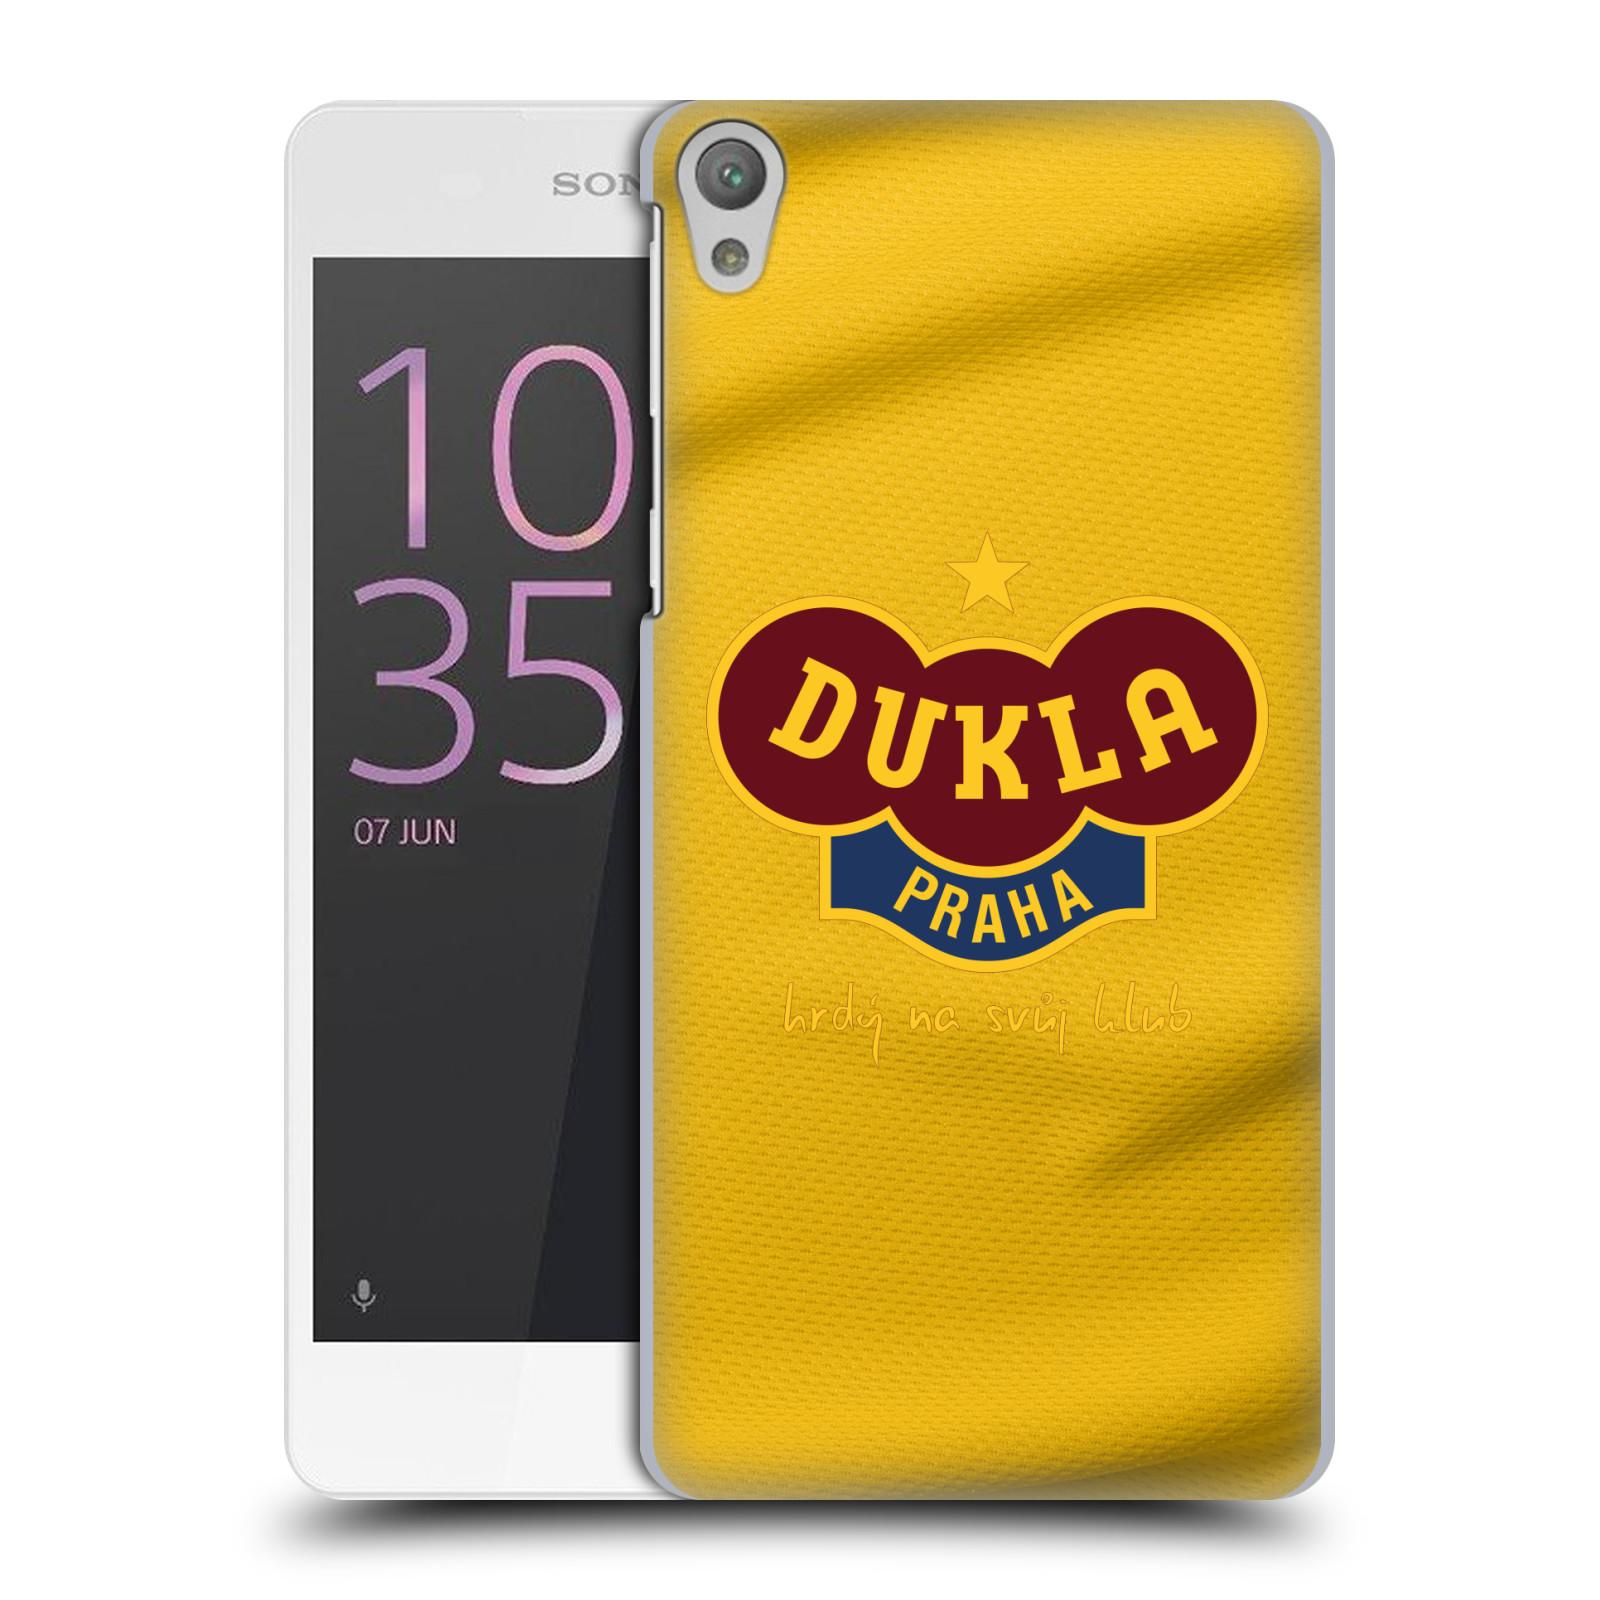 Plastové pouzdro na mobil Sony Xperia E5 - FK Dukla Praha - Žlutý dres